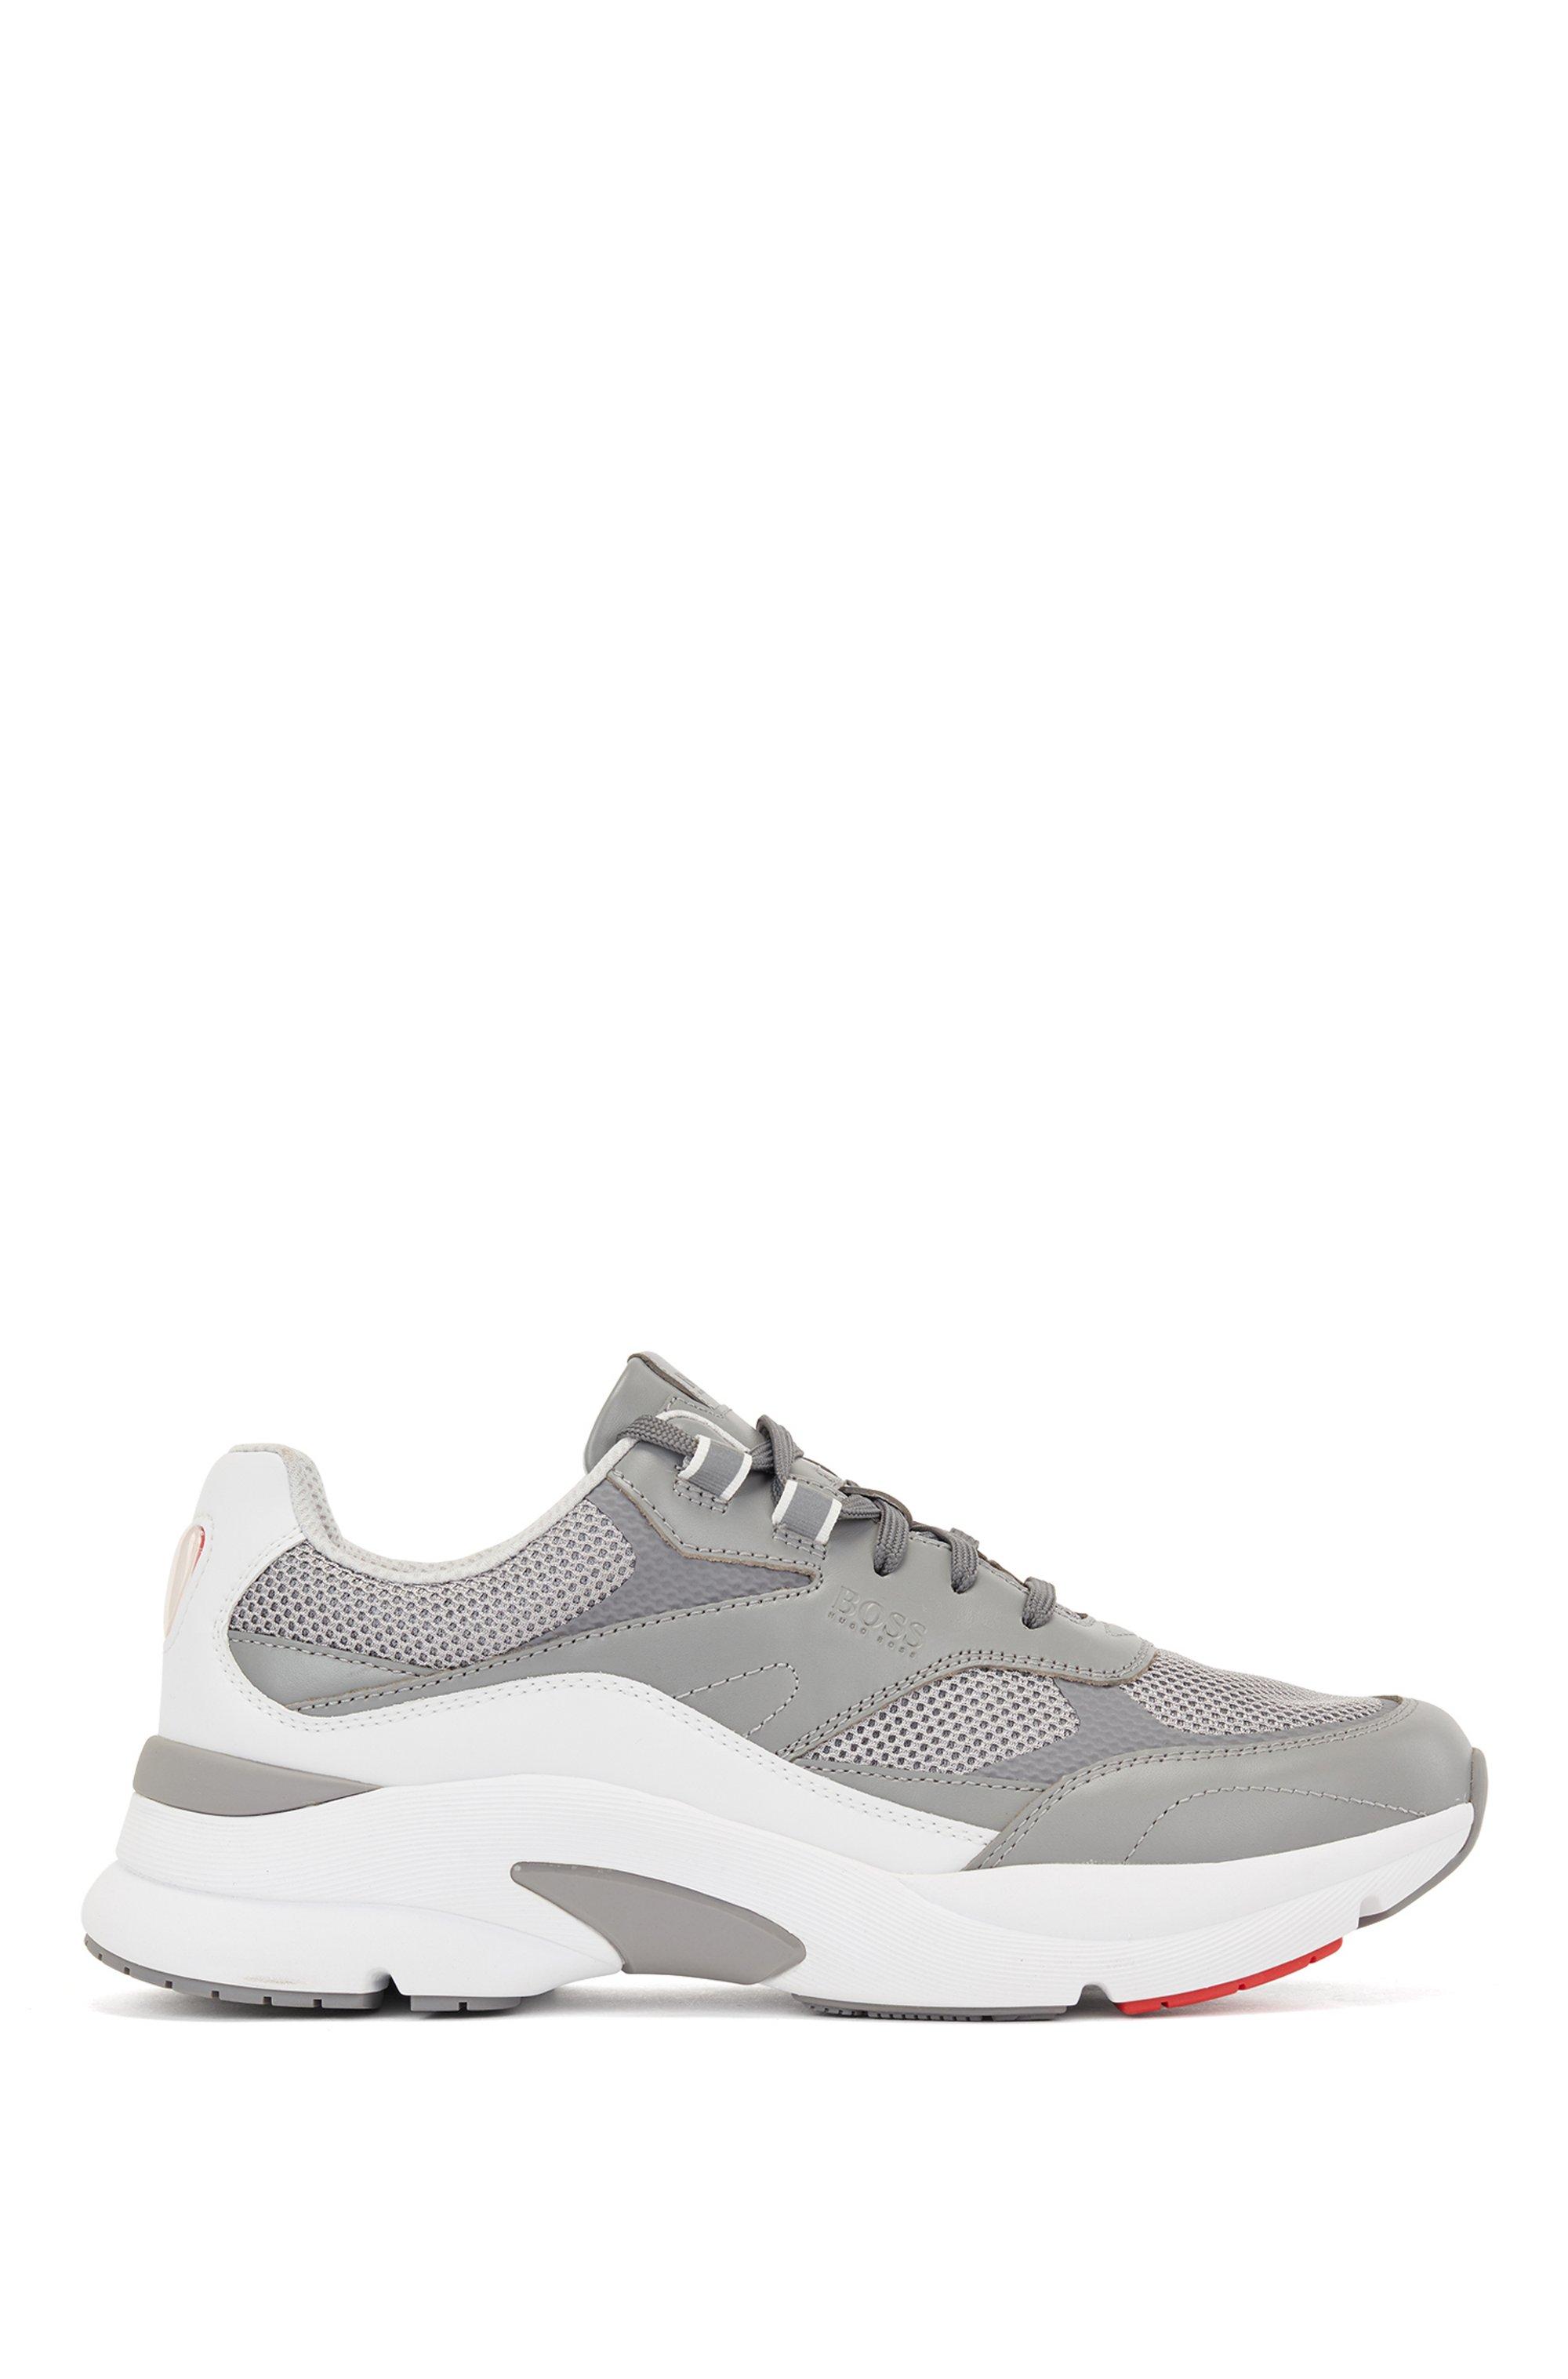 Sneakers stile running in pelle scamosciata e rete aperta, Grigio chiaro